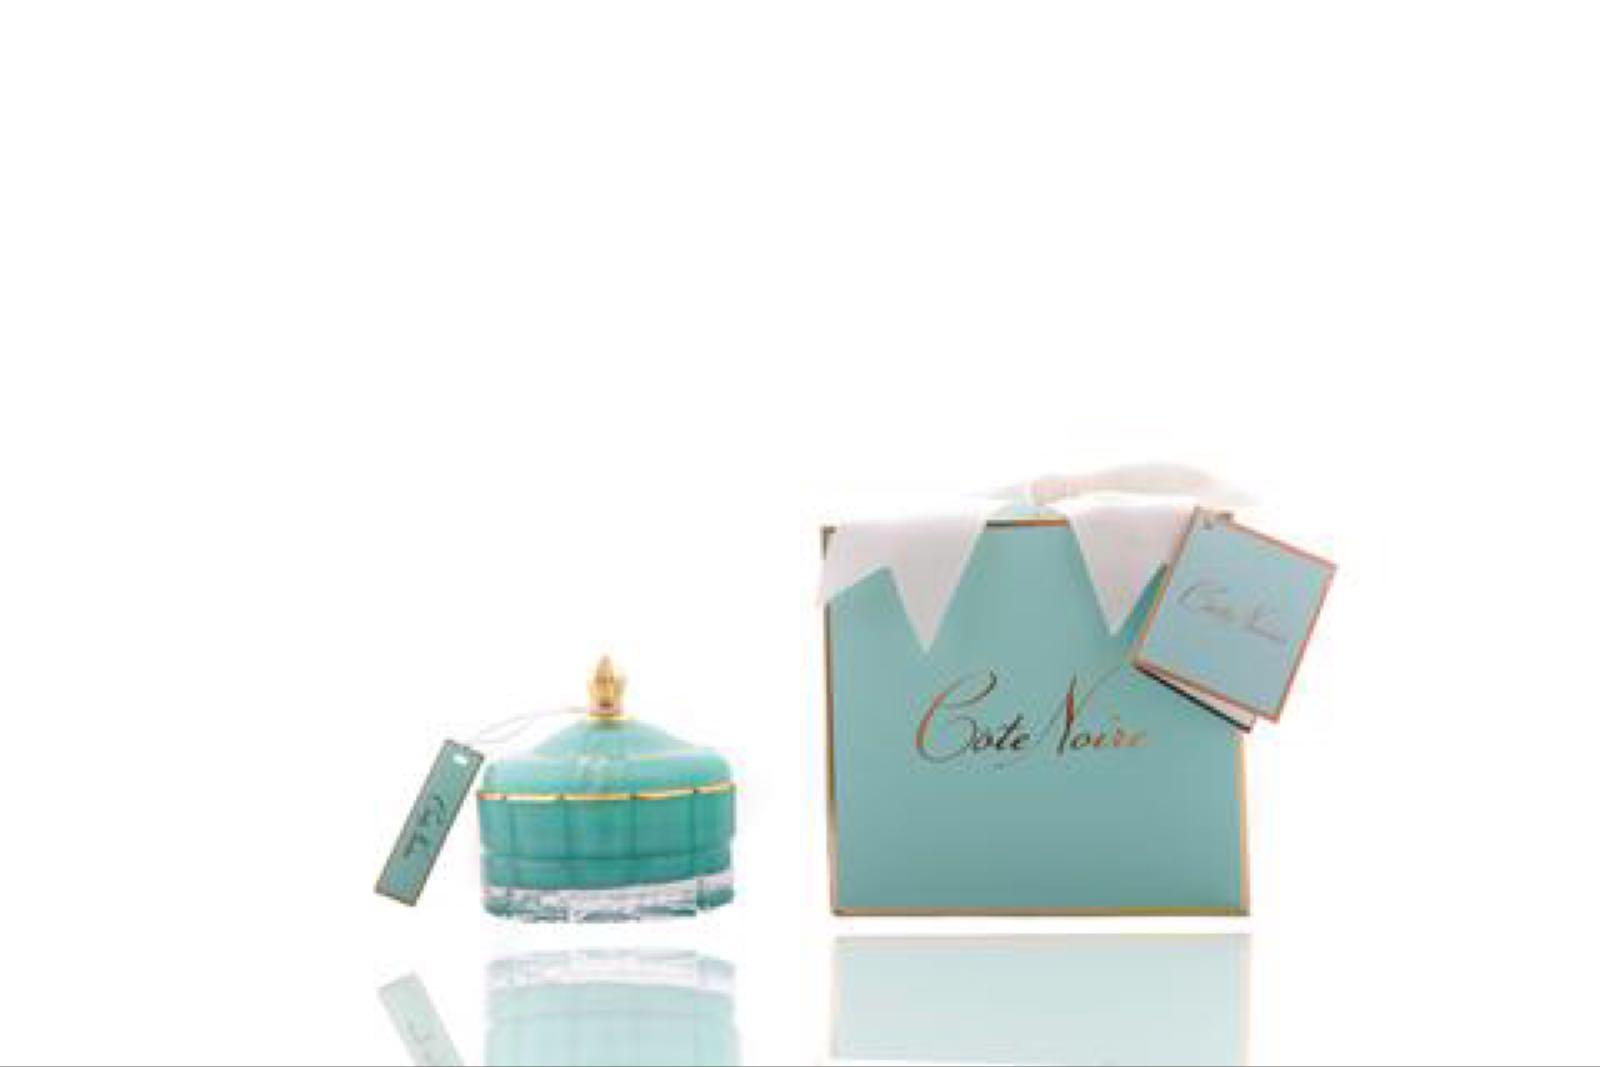 Cote Noire Art Deco candle white hydrangea in Blue